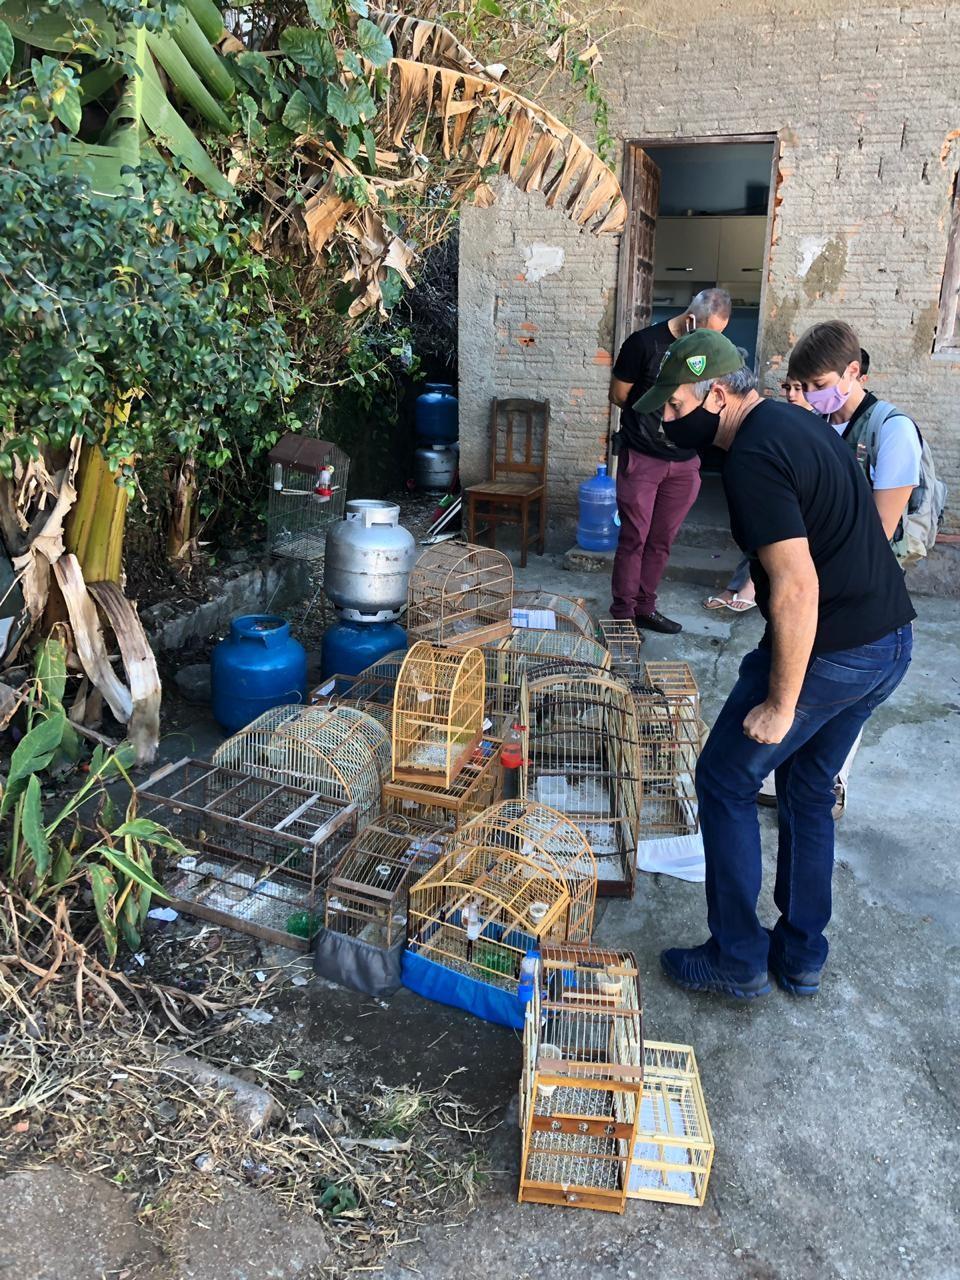 Operação apreende mais de 80 aves mantidas ilegalmente em cativeiro em Florianópolis